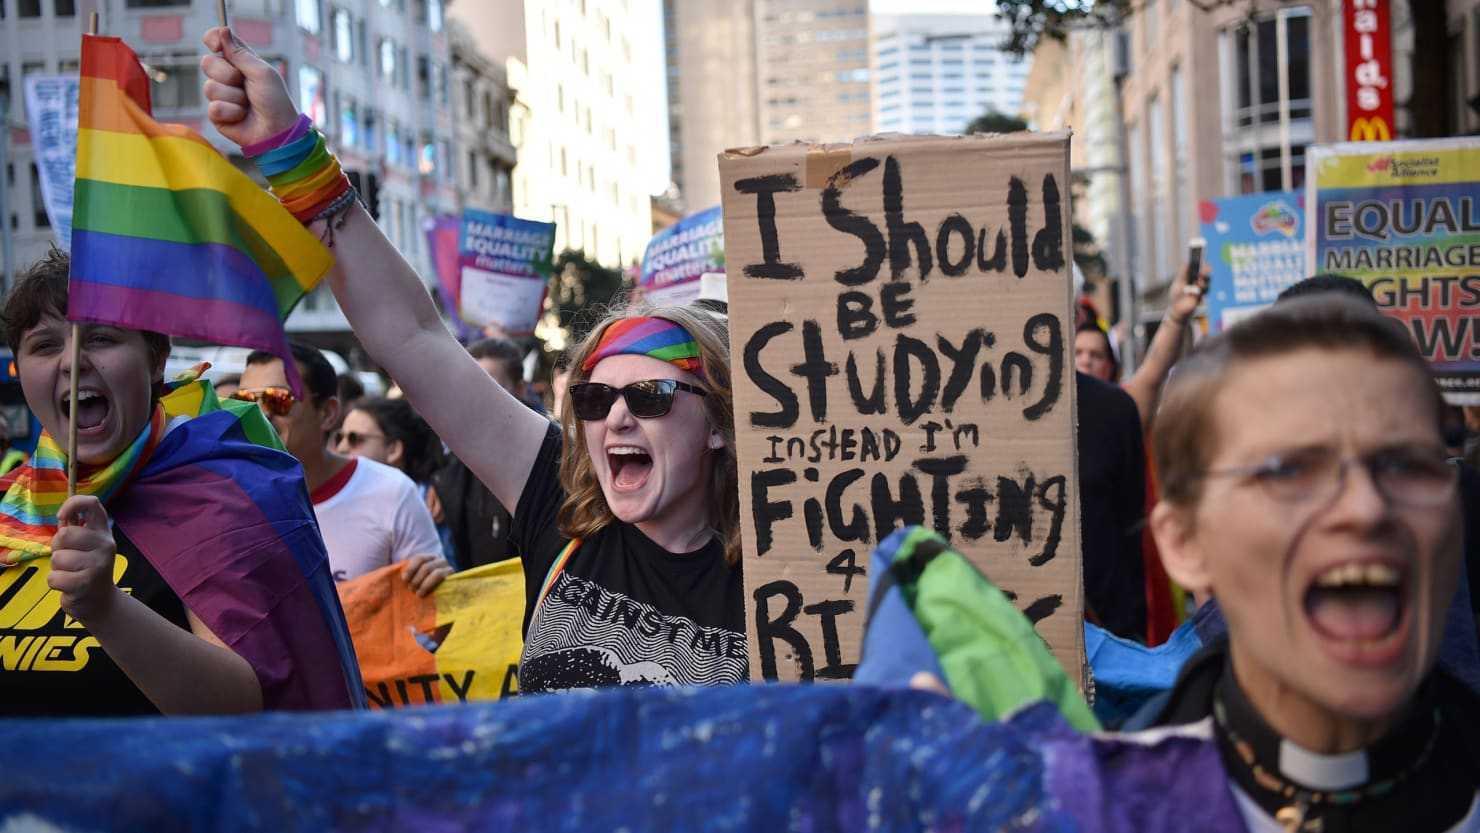 """INCA DOUA TARI CUCERITE: AUSTRIA SI AUSTRALIA LEGALIZEAZA CASATORIILE HOMOSEXUALE/ In Australia, in ciuda promisiunilor, CRESTINILOR LE ESTE REFUZATA PROTECTIA LIBERTATII RELIGIOASE/ Cazuri judiciare cruciale: COMAN vs România sau cum poate lua sfarsit """"DIVERSITATEA"""" in Europa/ CURTEA SUPREMA din SUA: ultima speranta pentru micii intreprinzatori CRESTINI care nu sunt de acord cu NUNTILE GAY/ Altfel despre cazul WEINSTEIN. Revolutionarii sexului si agenda lor"""